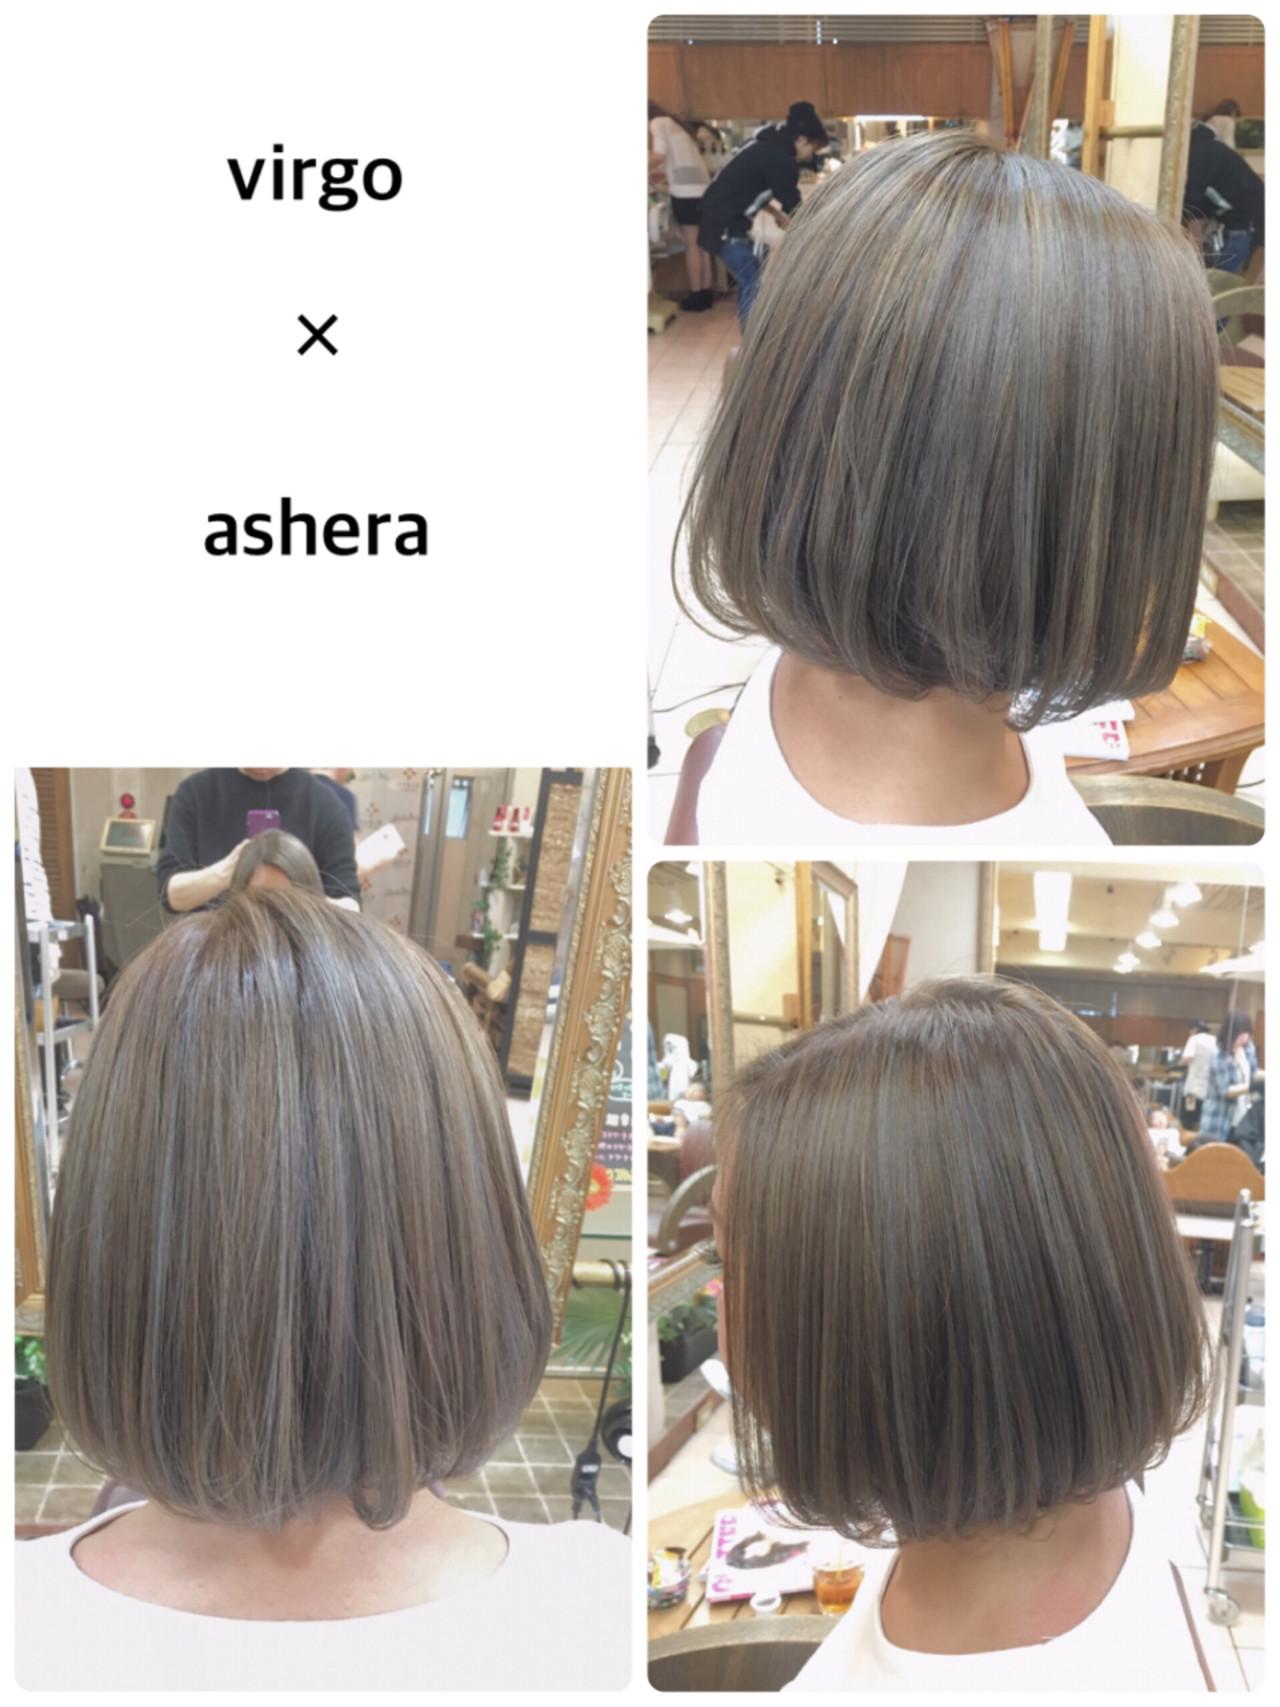 グレージュ 3Dカラー ハイライト 外国人風カラー ヘアスタイルや髪型の写真・画像 | 西村巧 / virgo